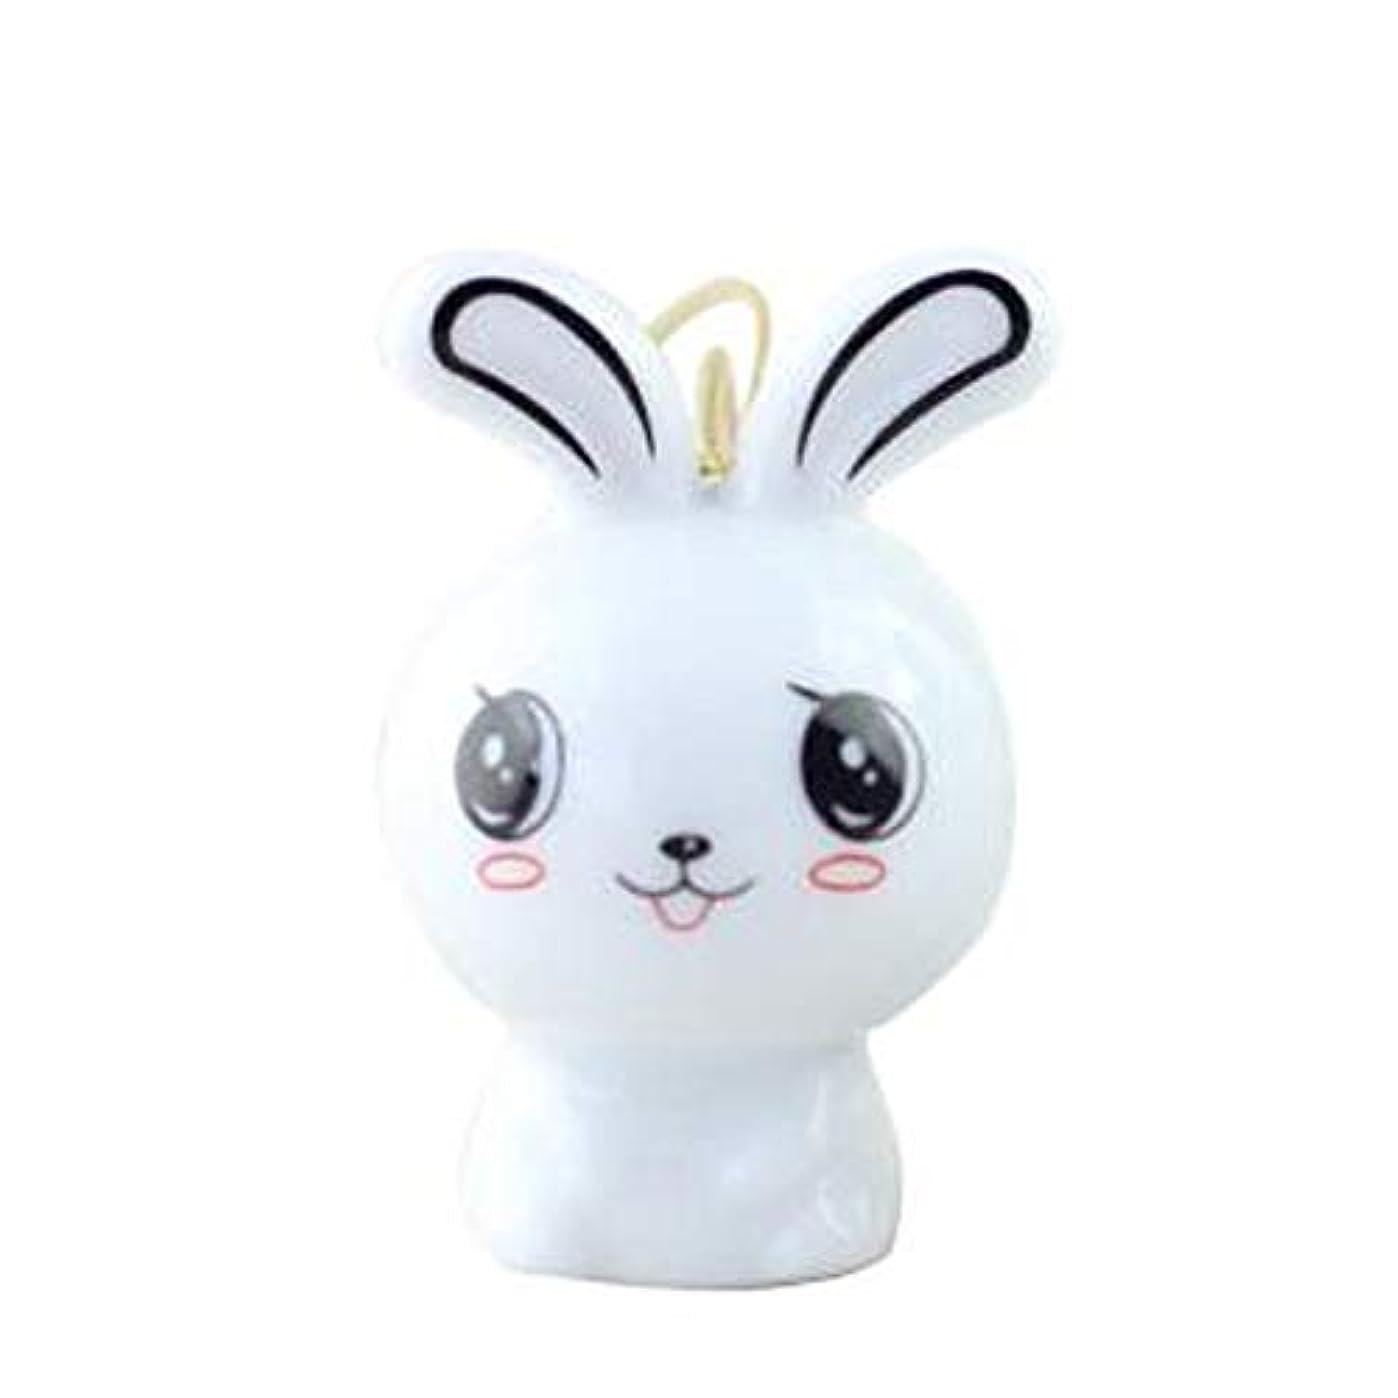 する必要がある辛な日常的にQiyuezhuangshi 風チャイム、クリエイティブ?セラミックウサギ風チャイム、白、6CMについて全身,美しいホリデーギフト (Color : White)